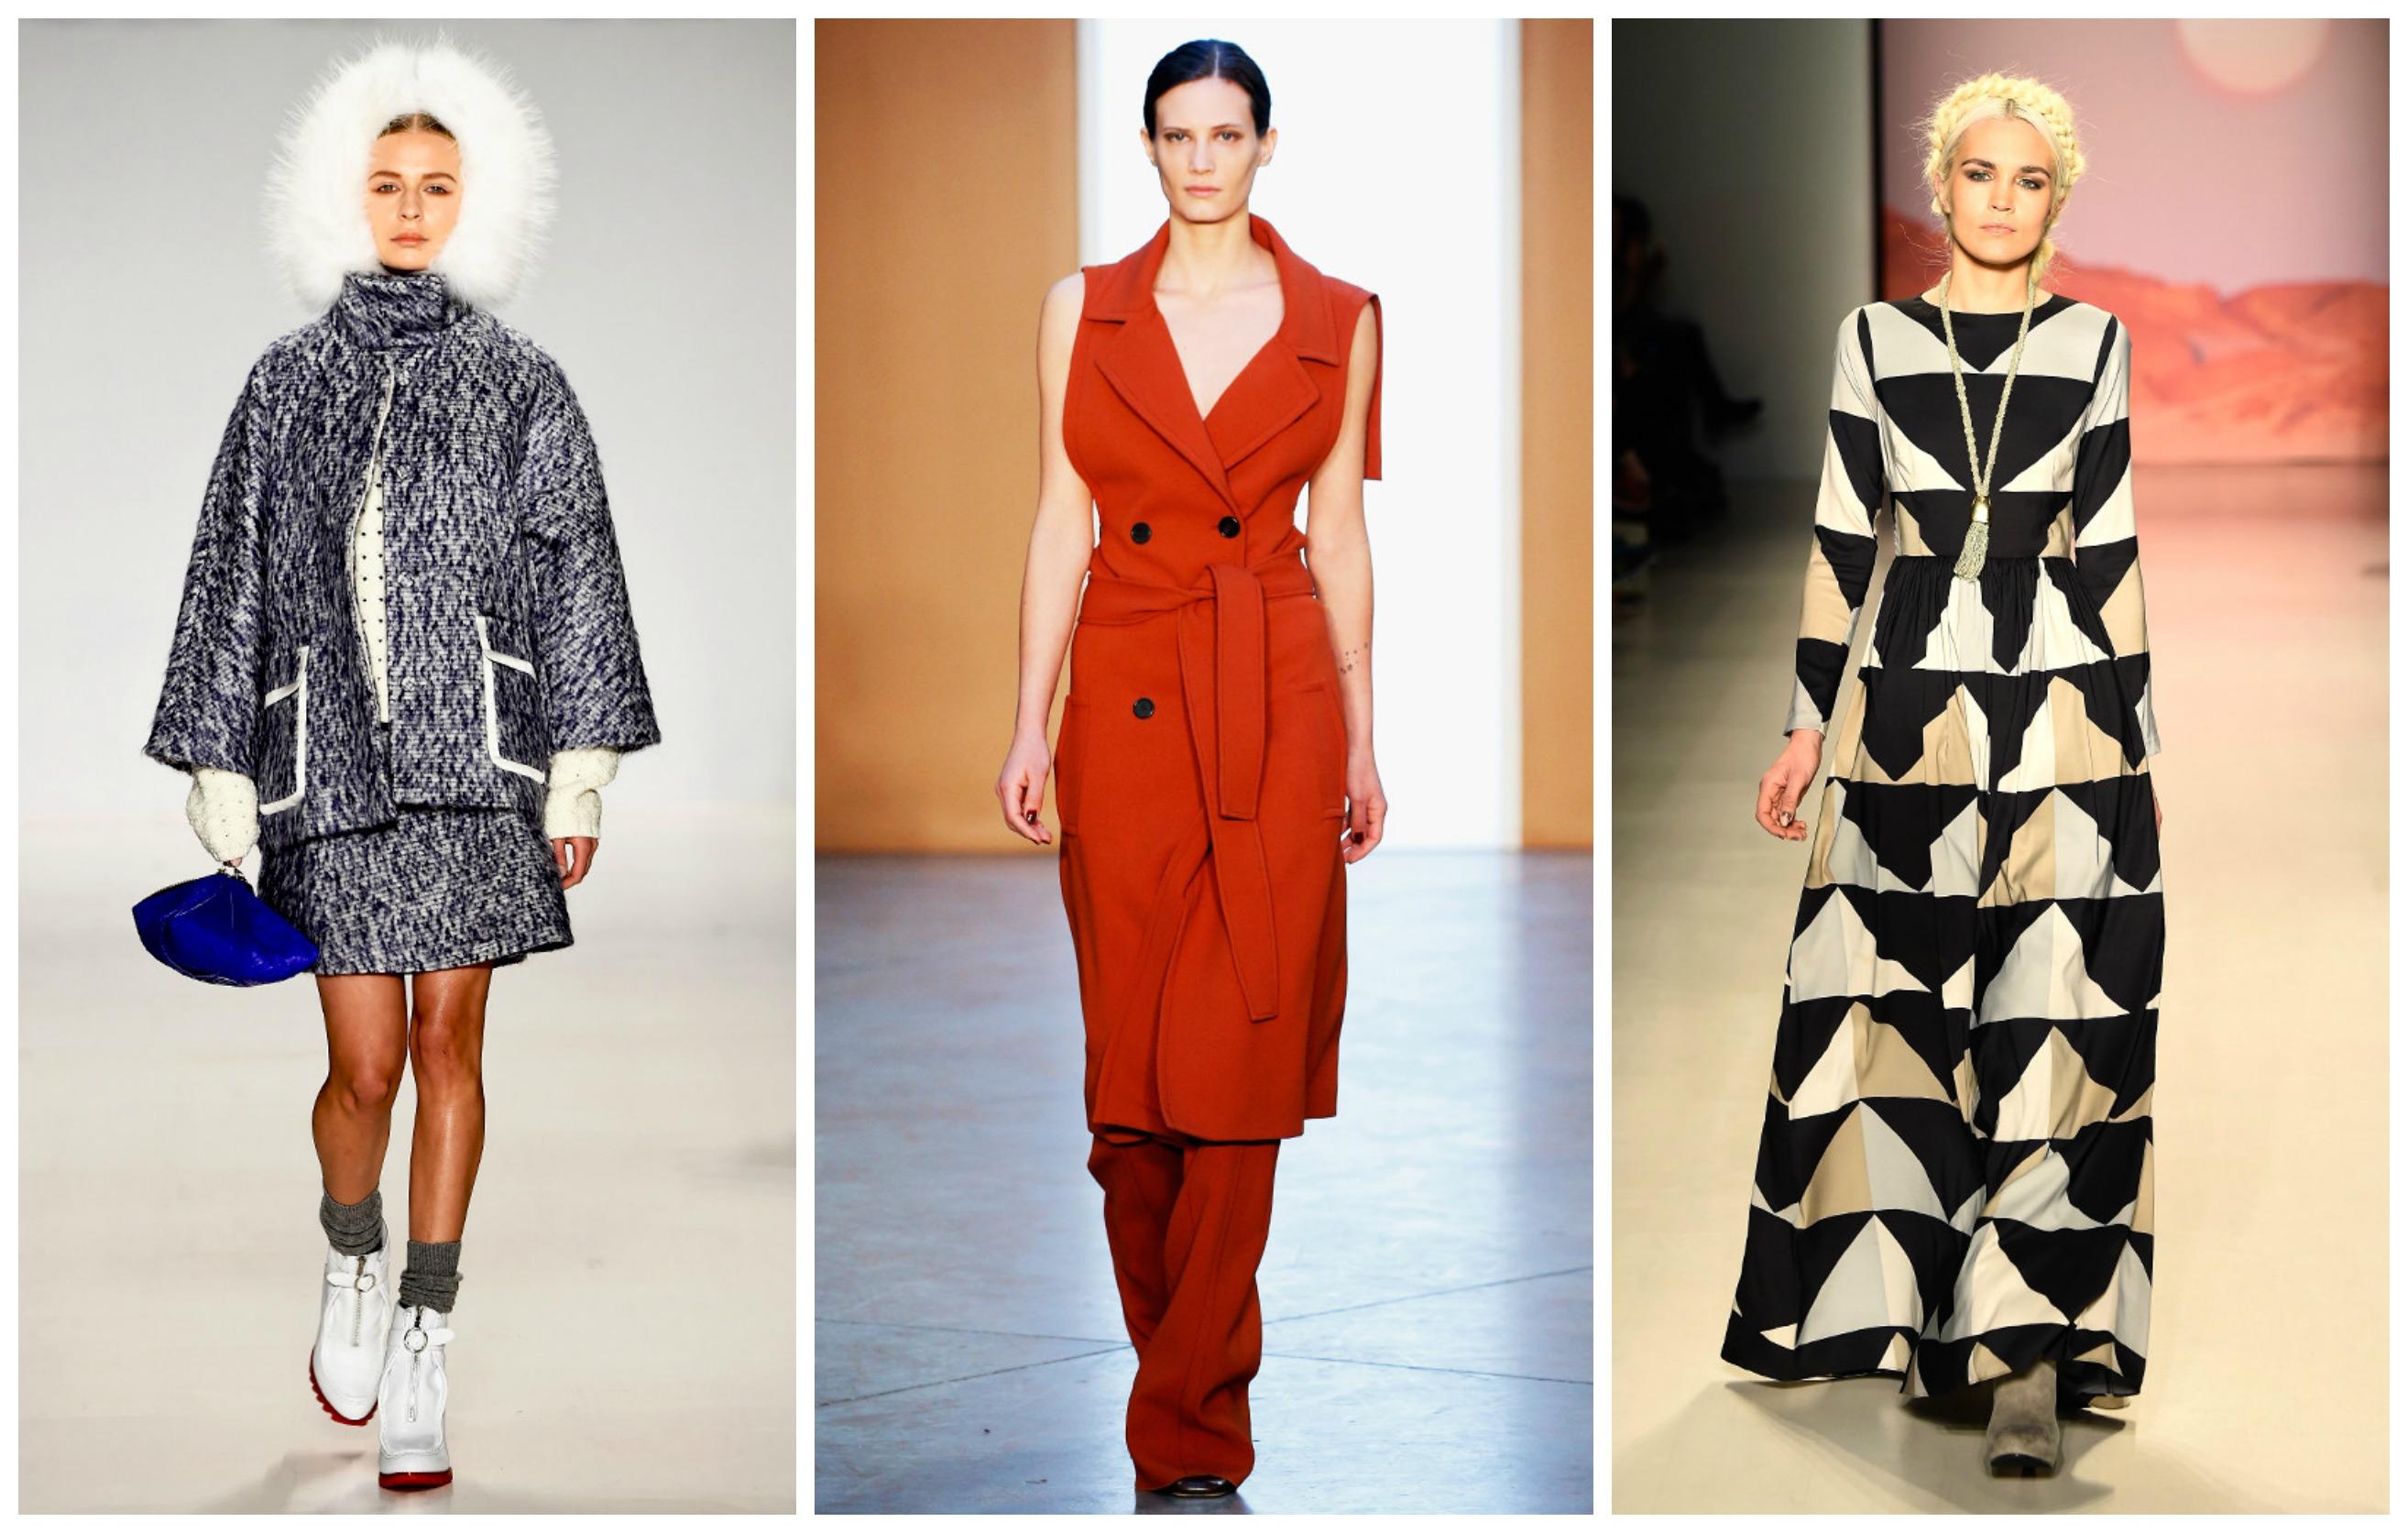 Бренды RANFAN, TRACY REESE, MARA HOFFMAN представили свои коллекции на Неделе моды в Нью-Йорке